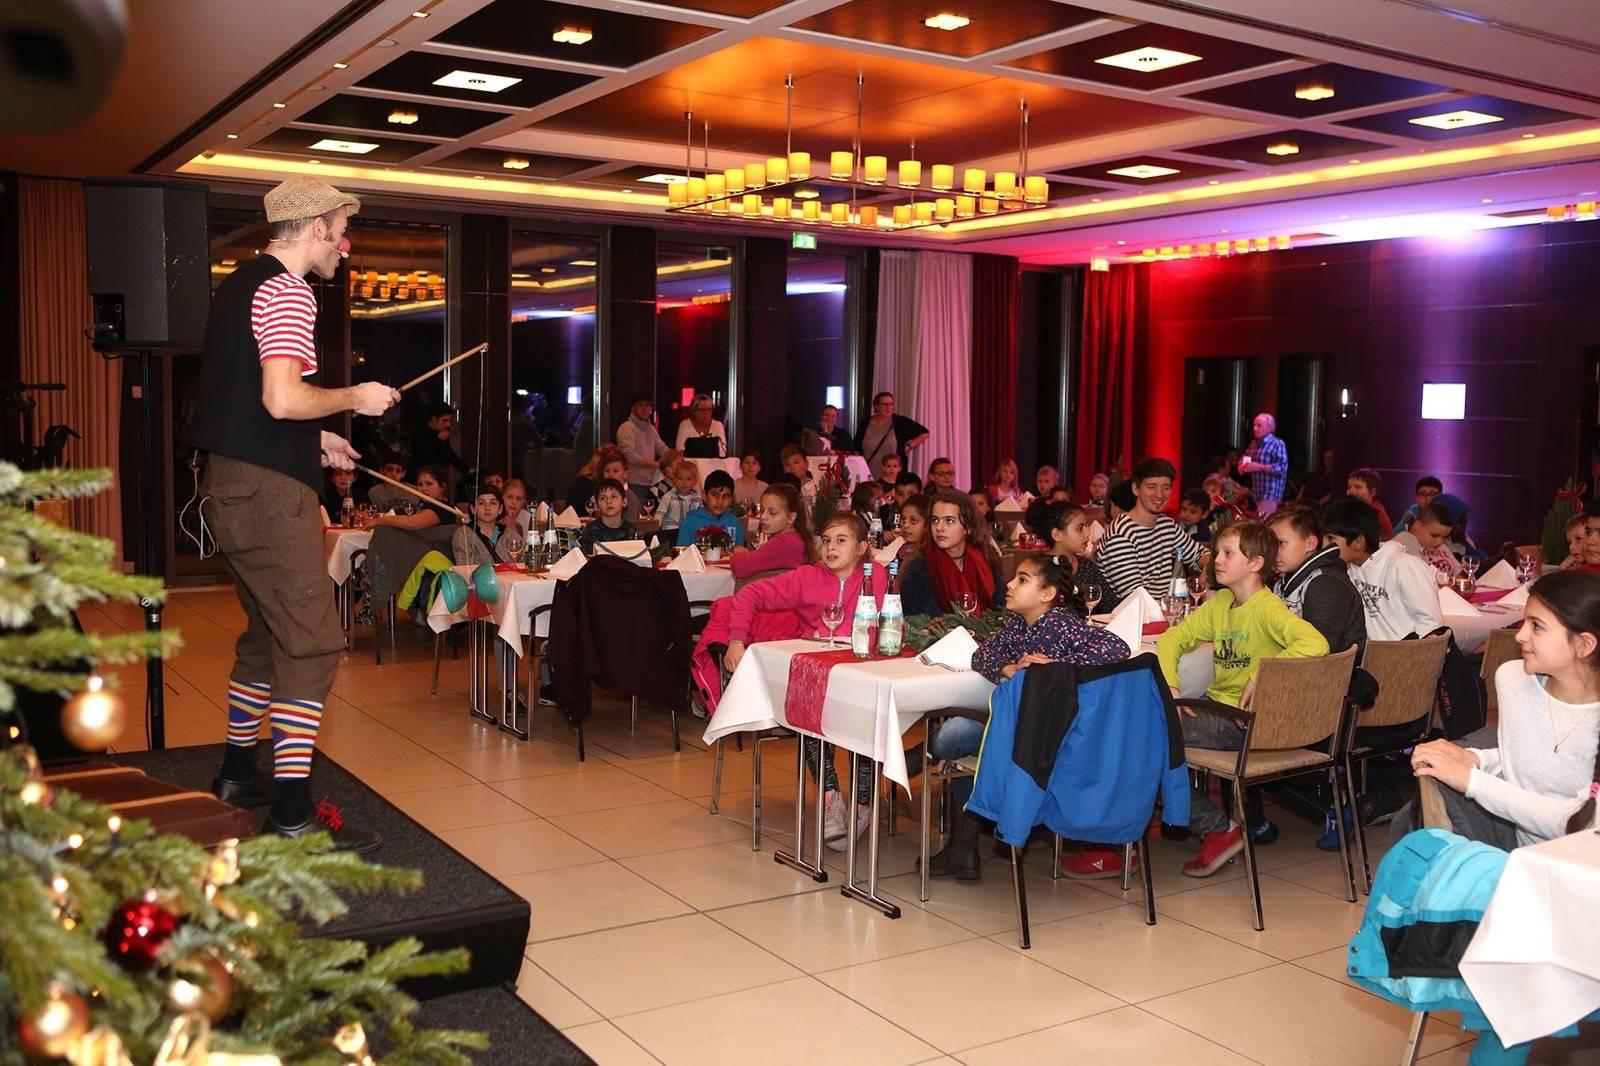 """Weihnachtsfeier im """"Hotel im Wasserturm"""" mit 100 Kindern mit Prominenter Unterstützung"""